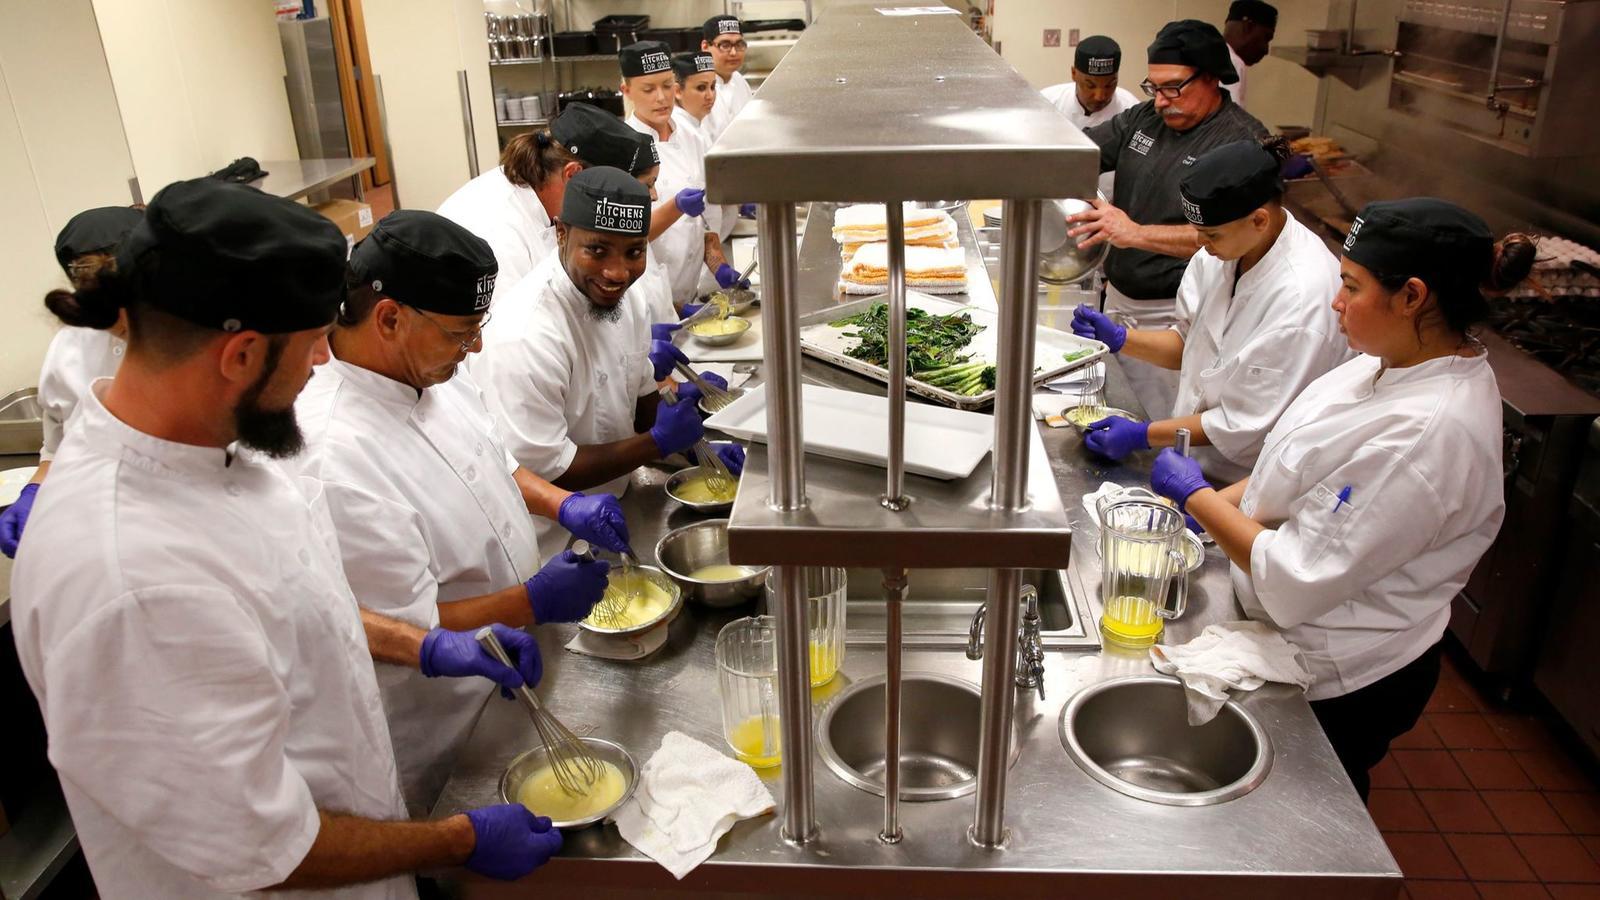 kitchens for good.jpg